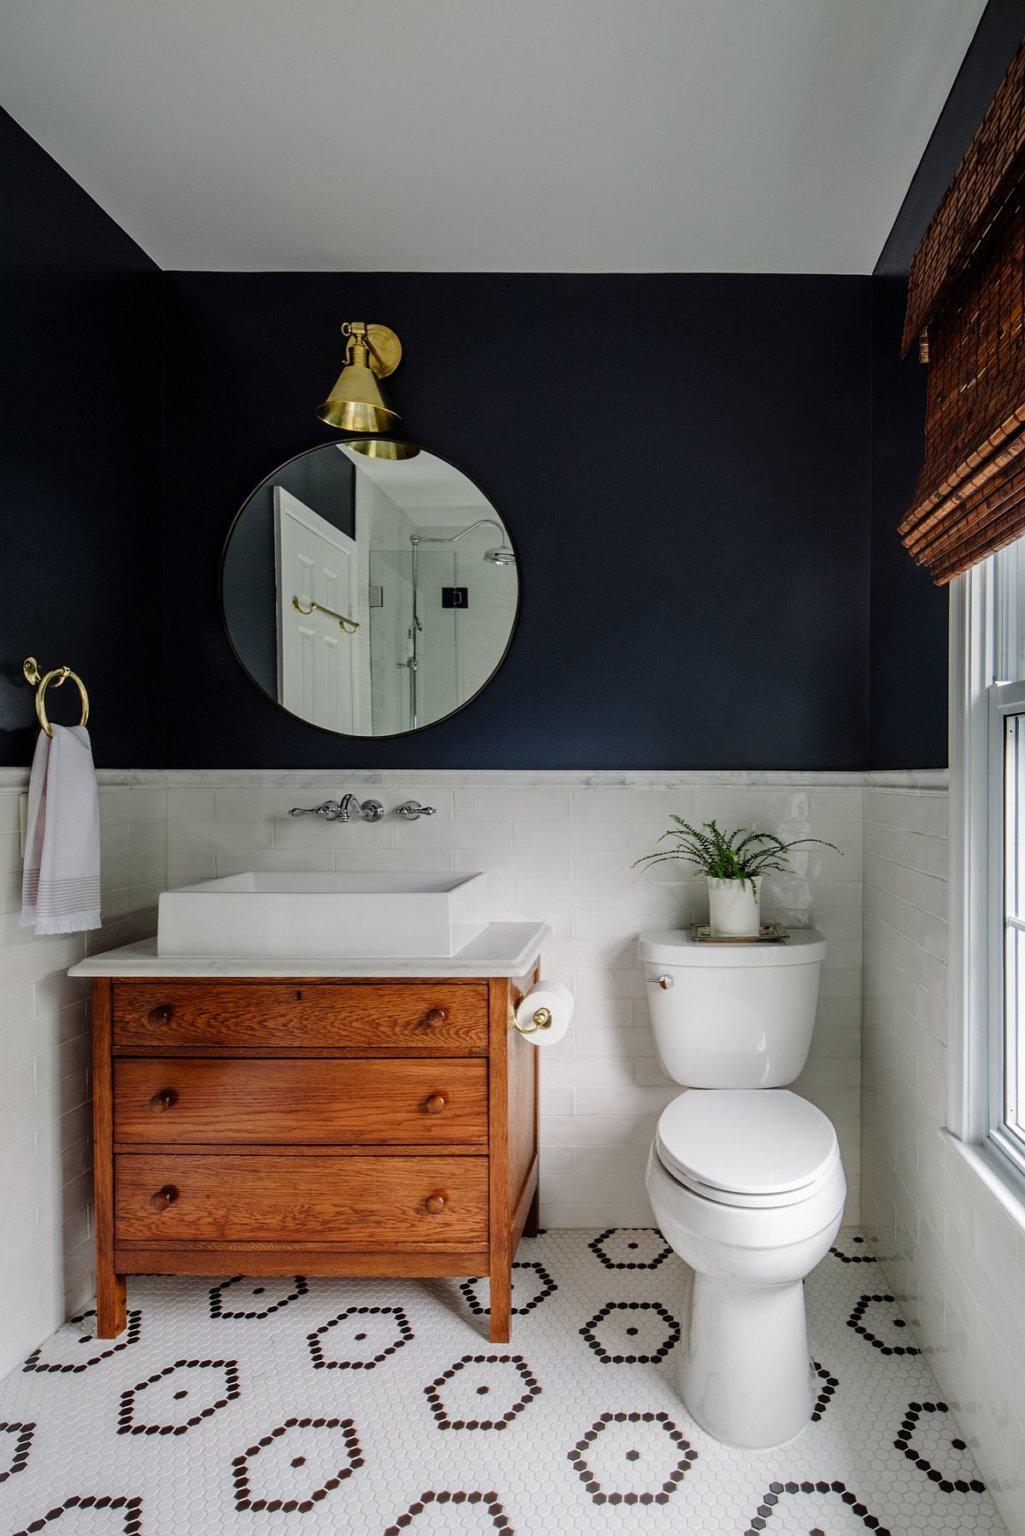 Hình ảnh phòng tắm nhỏ với mảng tường màu xanh navy ấn tượng, gạch lát họa tiết đen trắng, gương tròn, tủ gỗ ngăn kéo